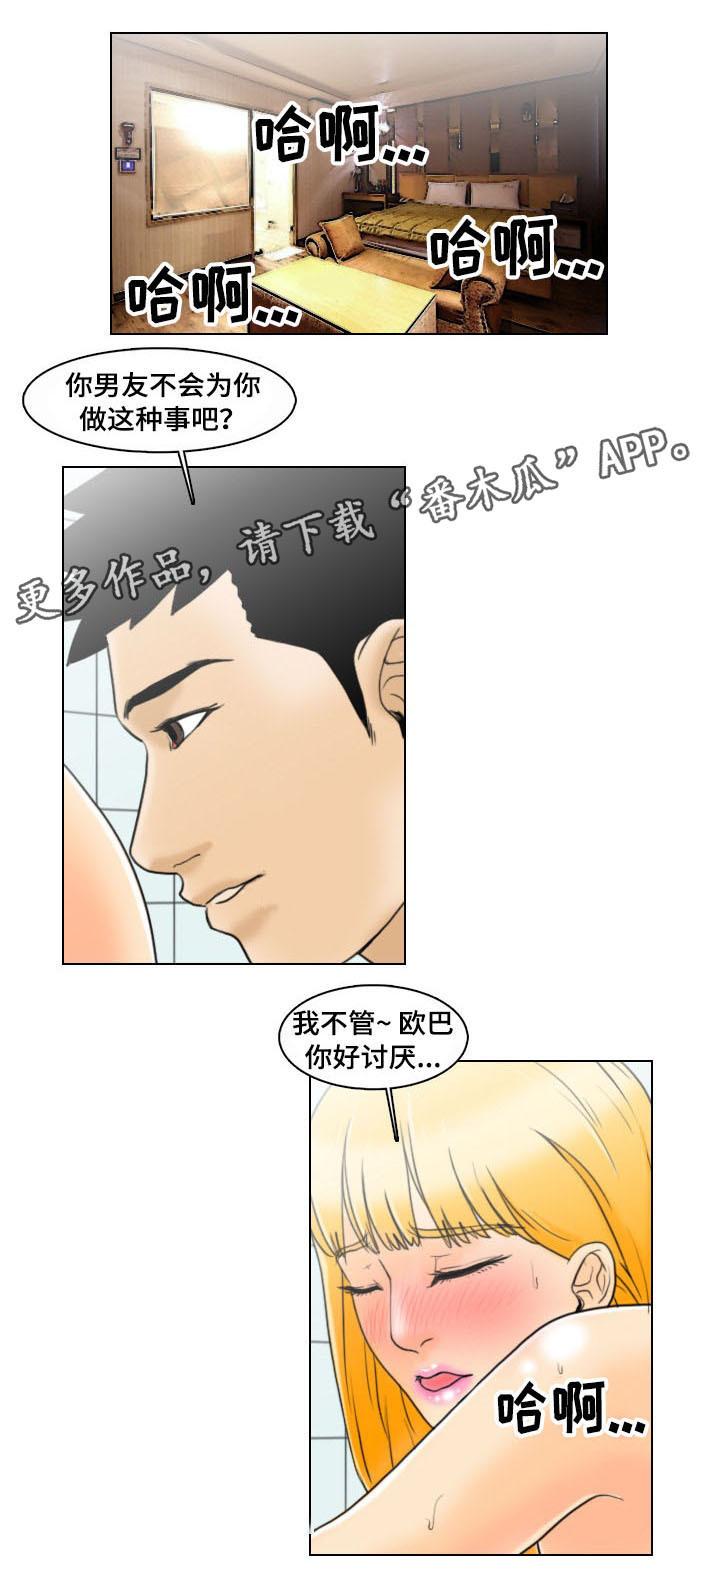 恋爱韩漫:《夺命线索》 第7-9话-天狐阅读